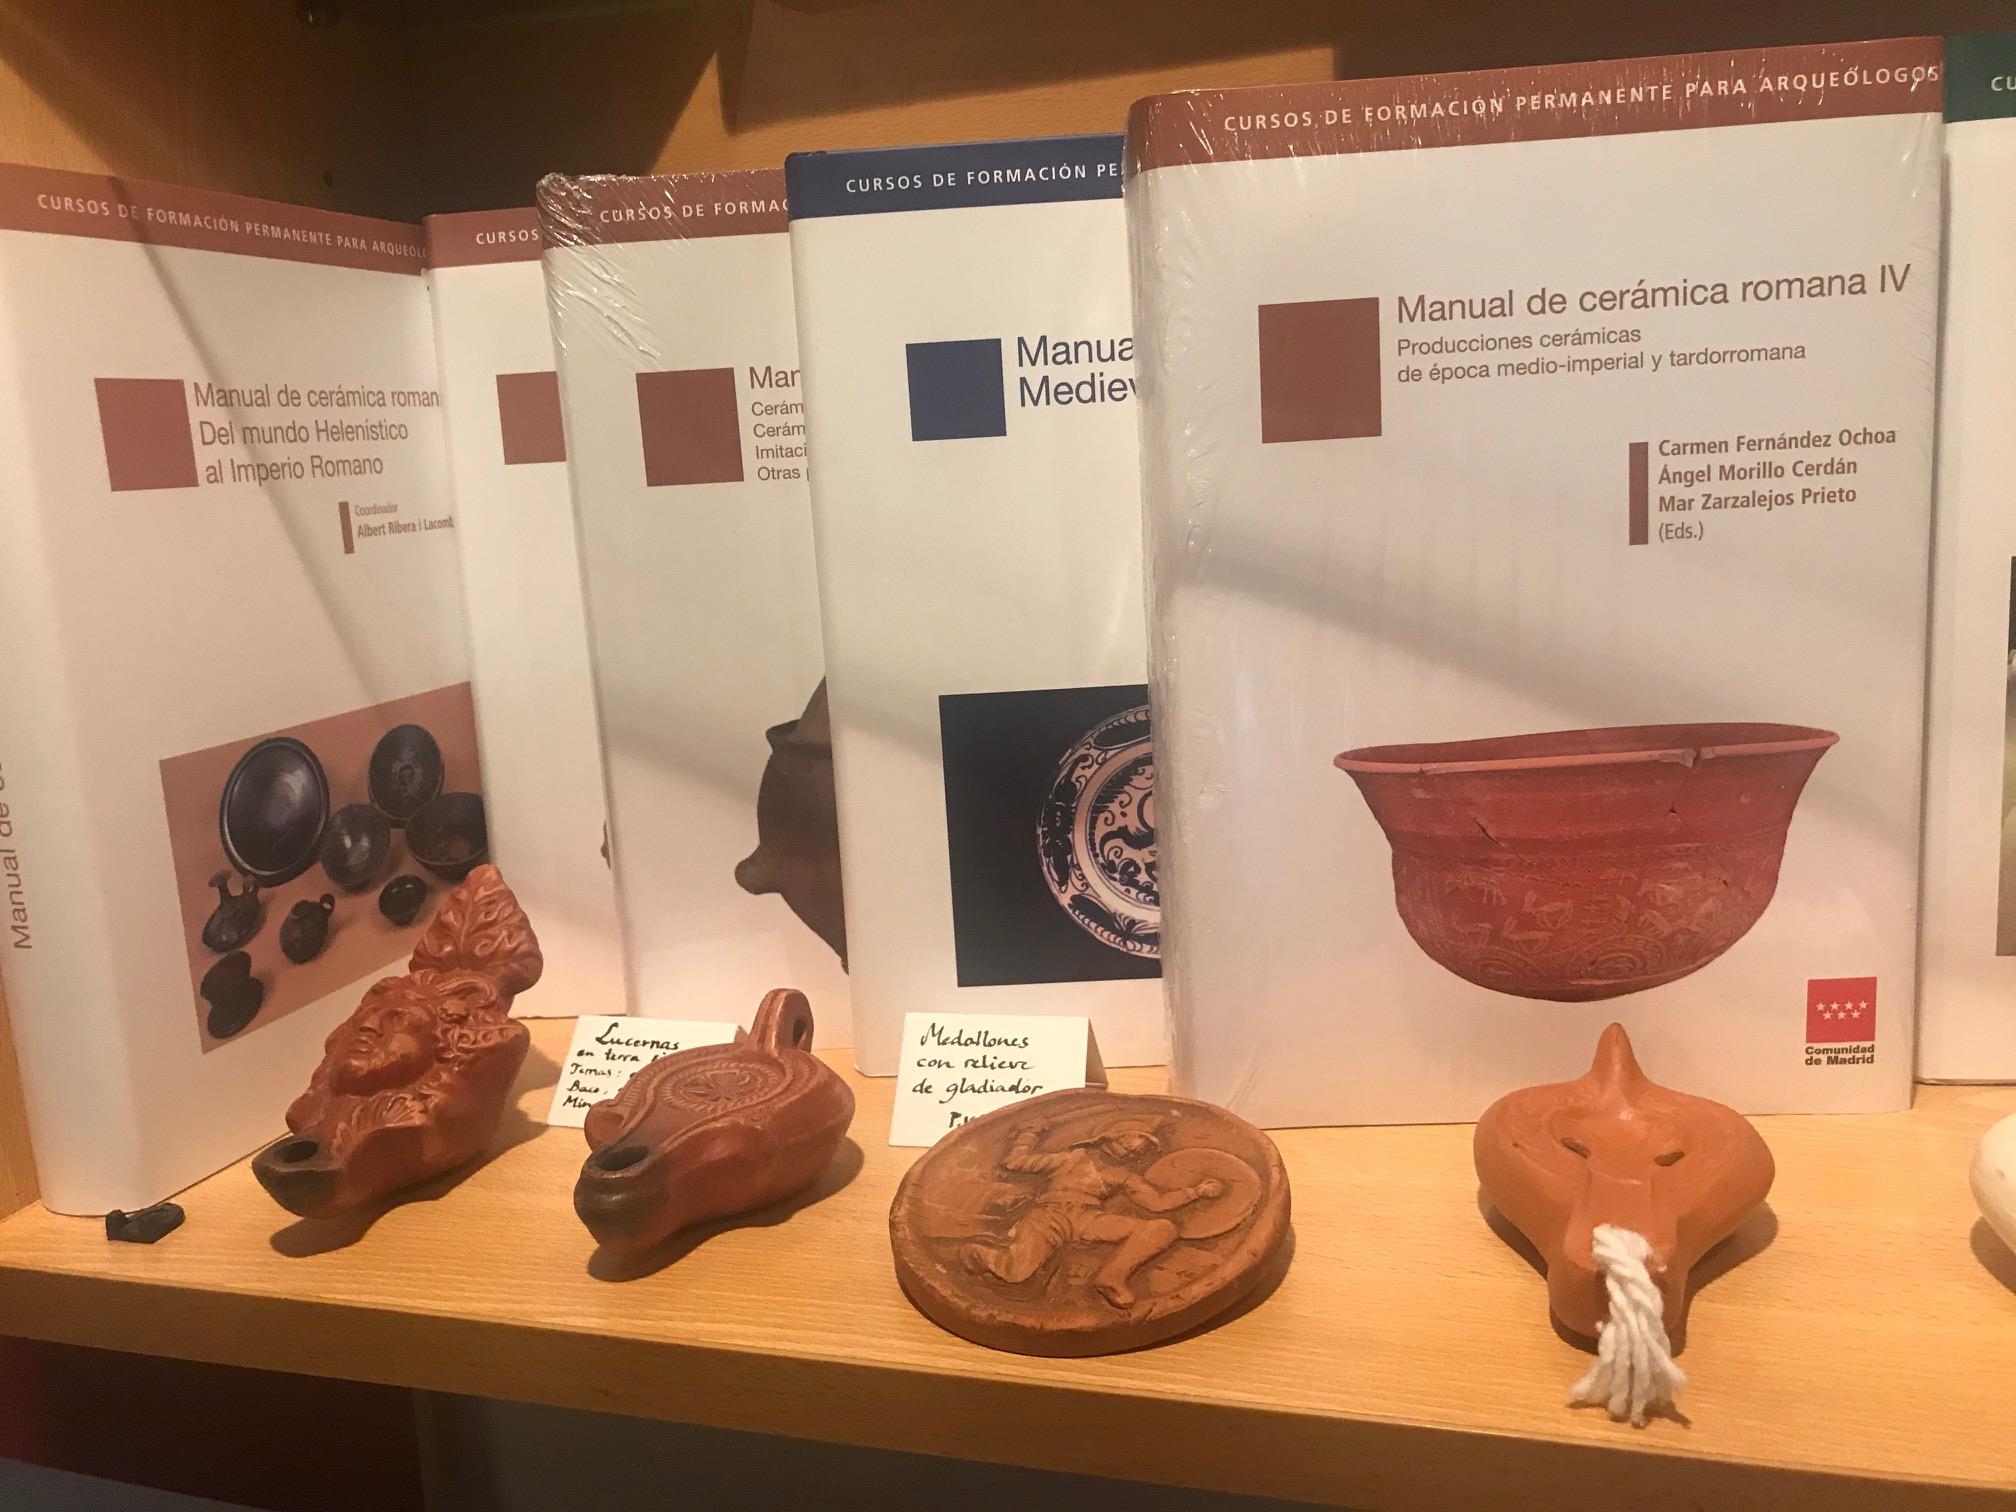 Manual de cerámica romana IV. Producciones cerámicas de época medio-imperial y tardorromana